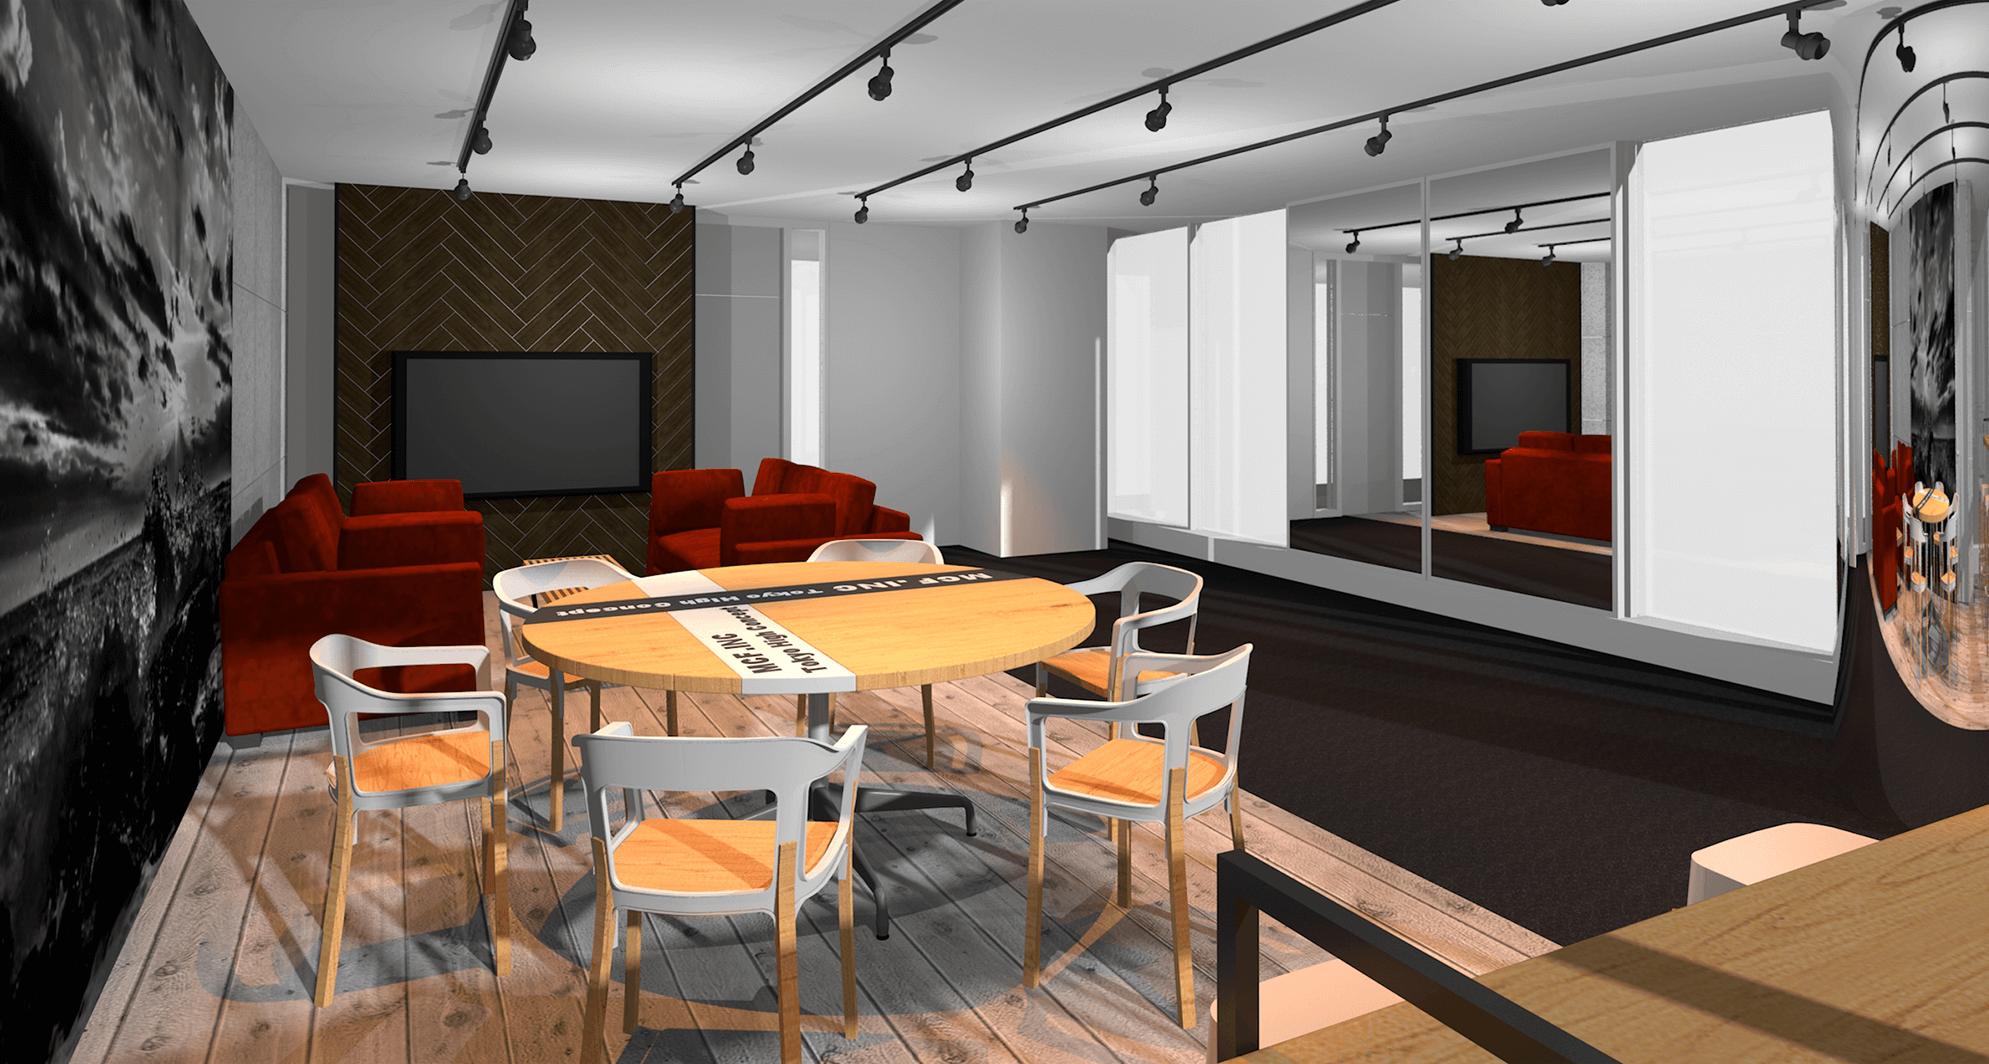 船橋でリフォーム・リノベーションのことならC4デザインレーベル|C4 DESIGN LABEL